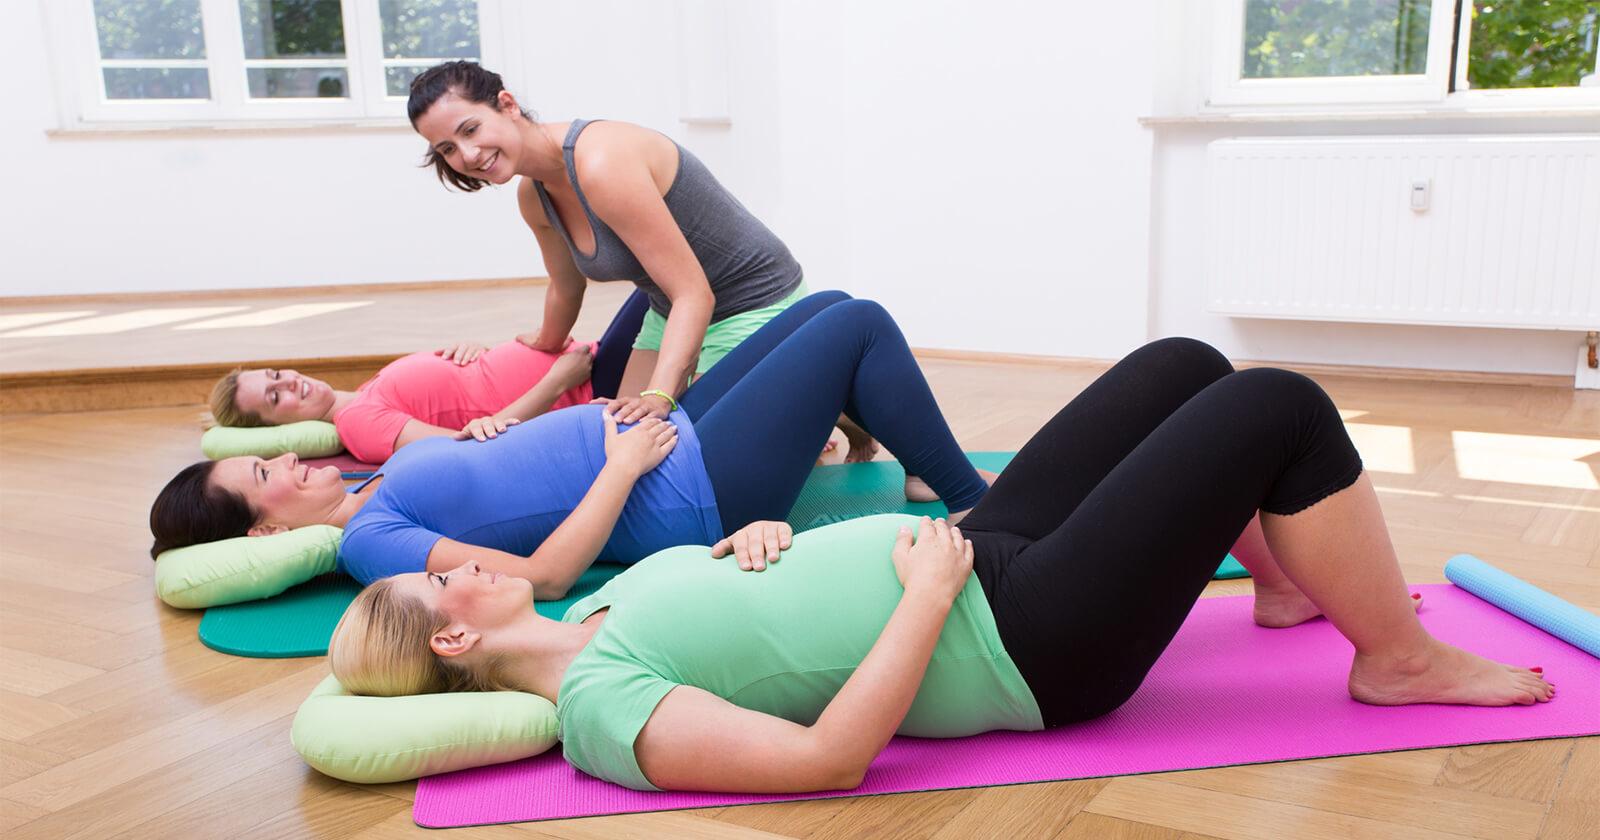 Frauen beugen durch Sport Rückenschmerzen in der Schwangerschaft vor.